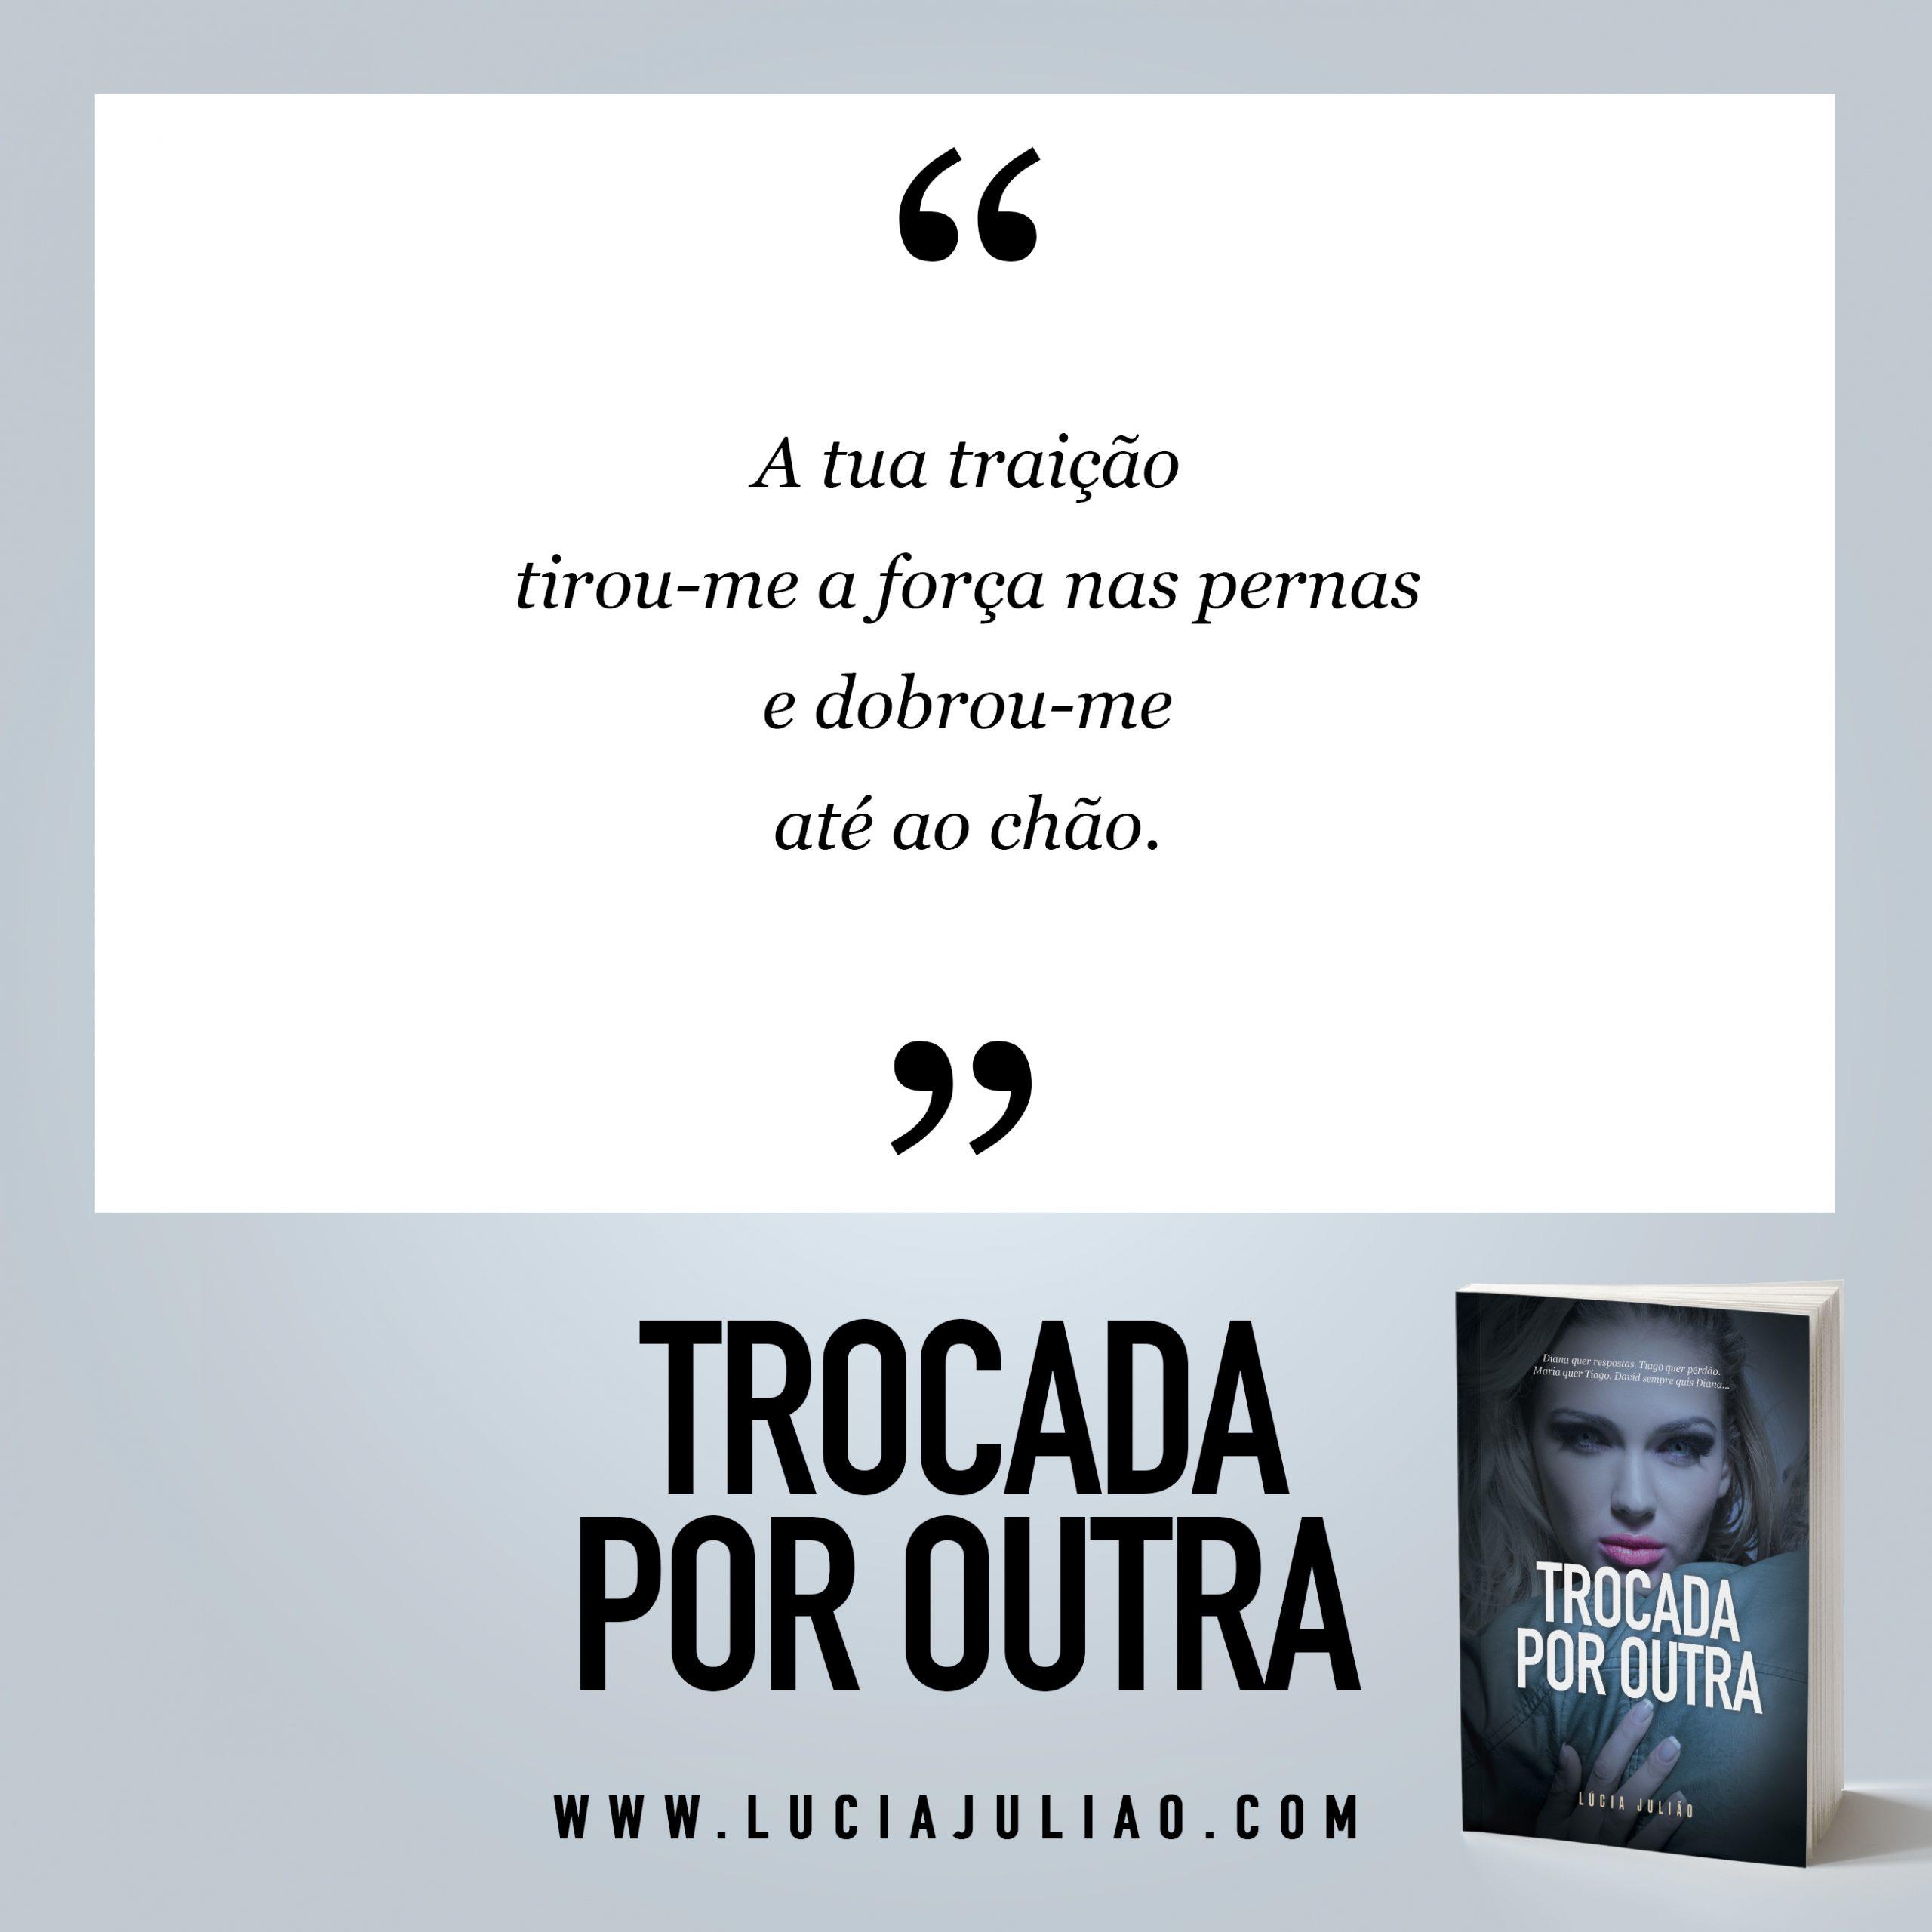 051aQ - capitulo 17 Trocada por outra - Lúcia Julião